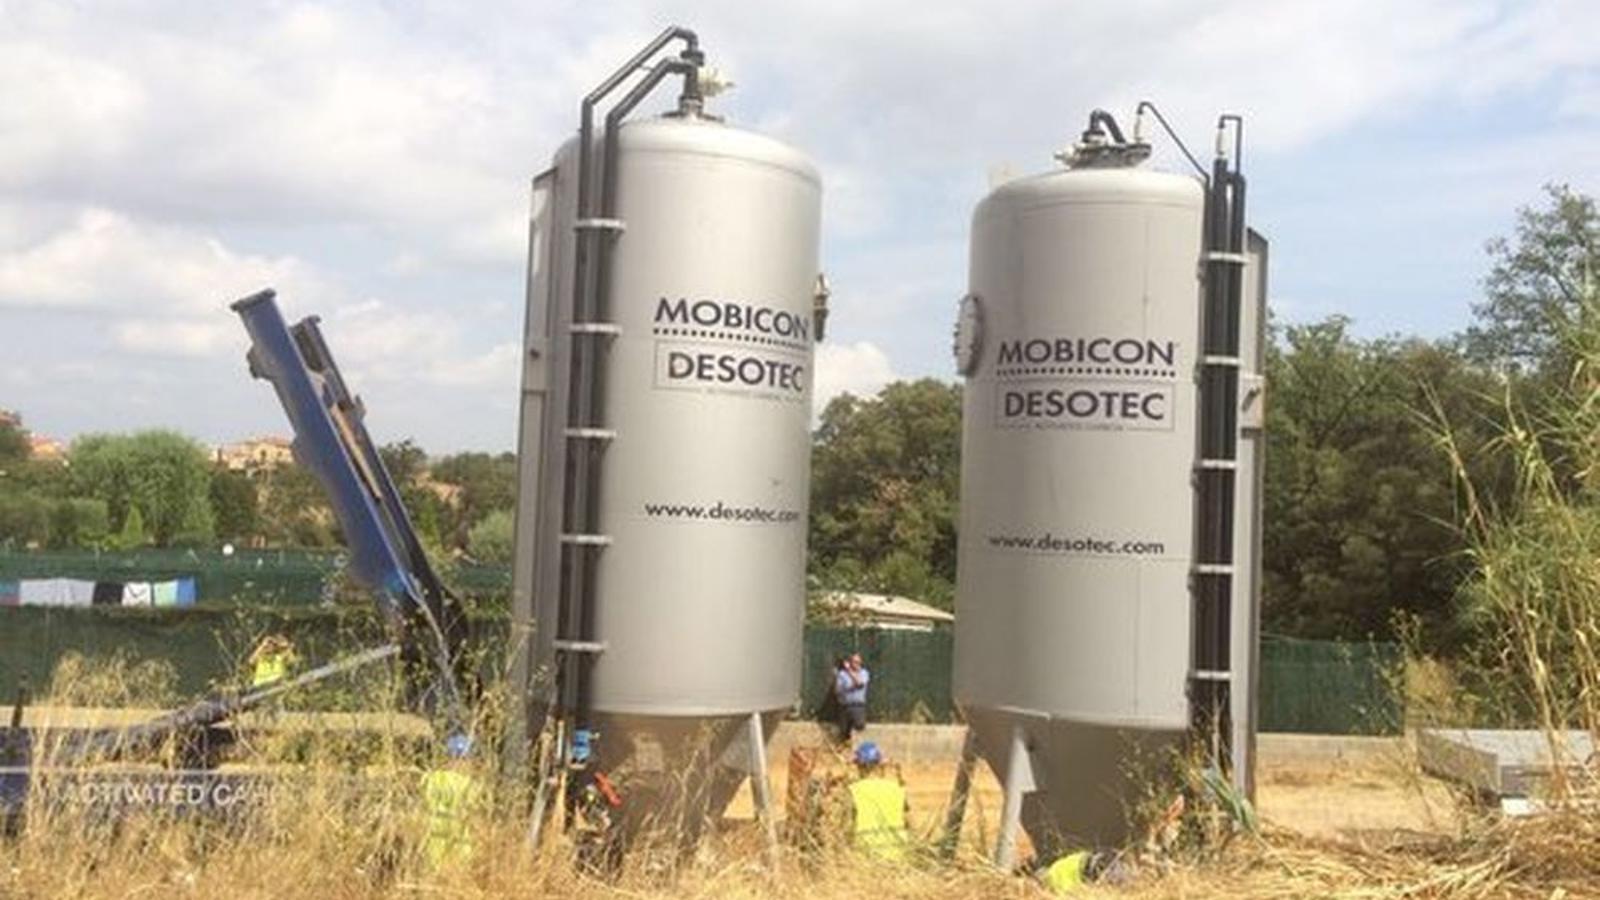 Els dos filtres de carbó actiu instal·lats al dipòsit de subministrament d'aigua de la Bisbal d'Empordà i Forallac / ACN